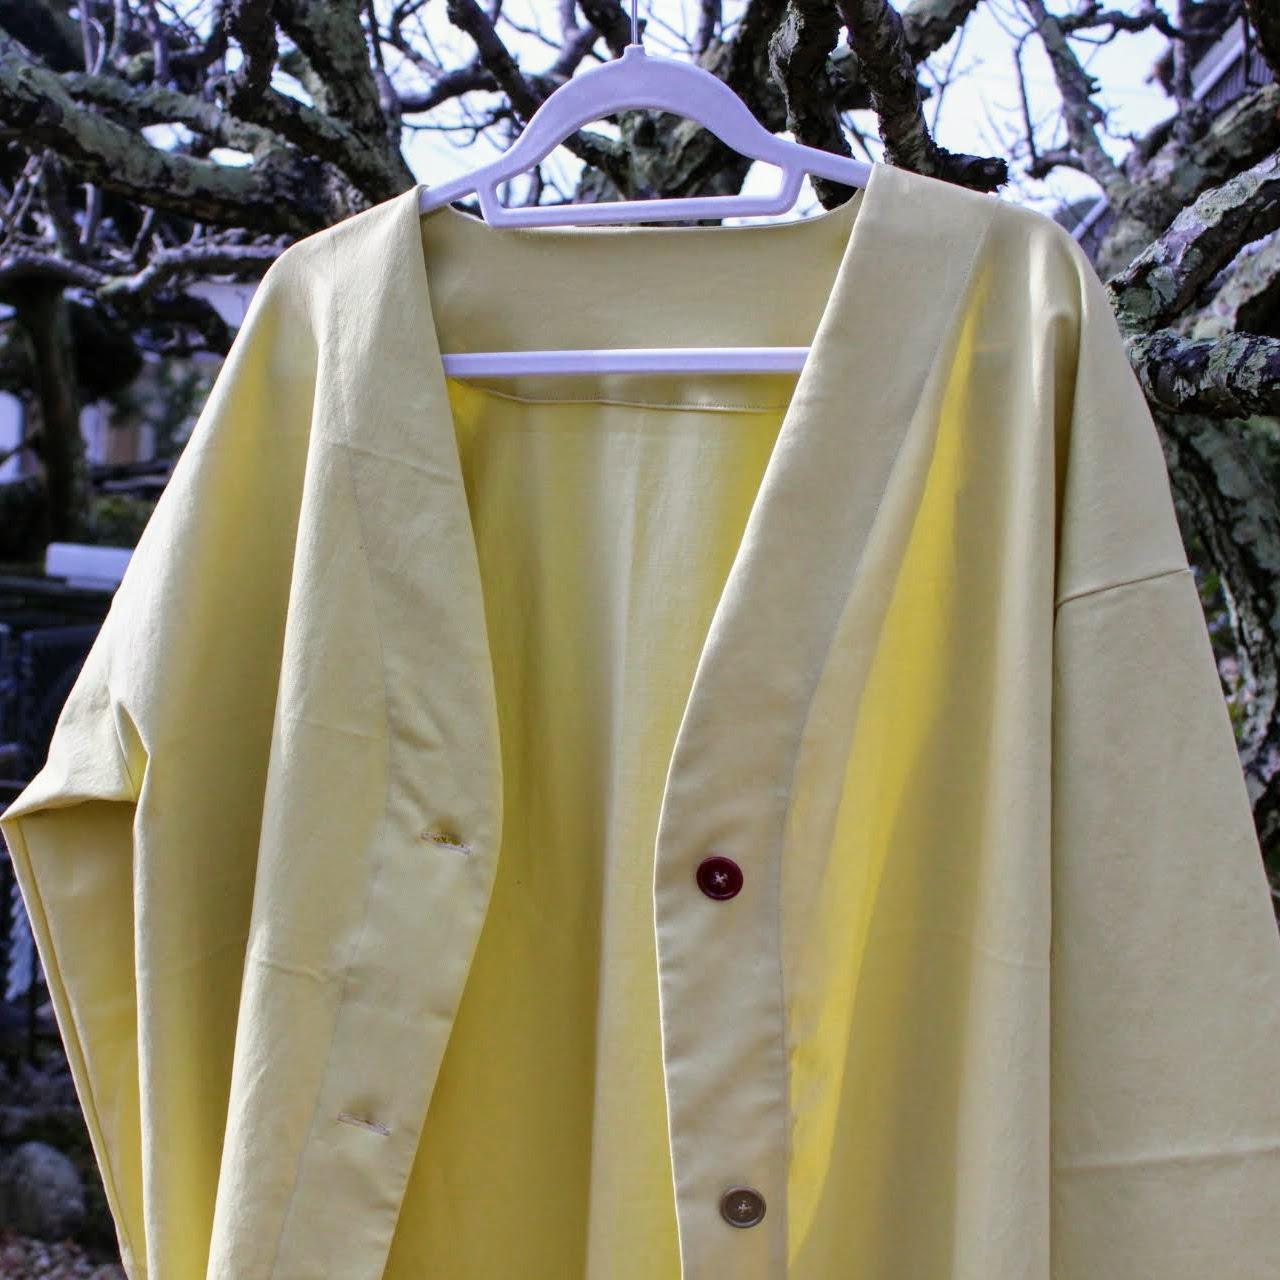 明るめな黄色の生地ではるコート 今月の生地お届け便